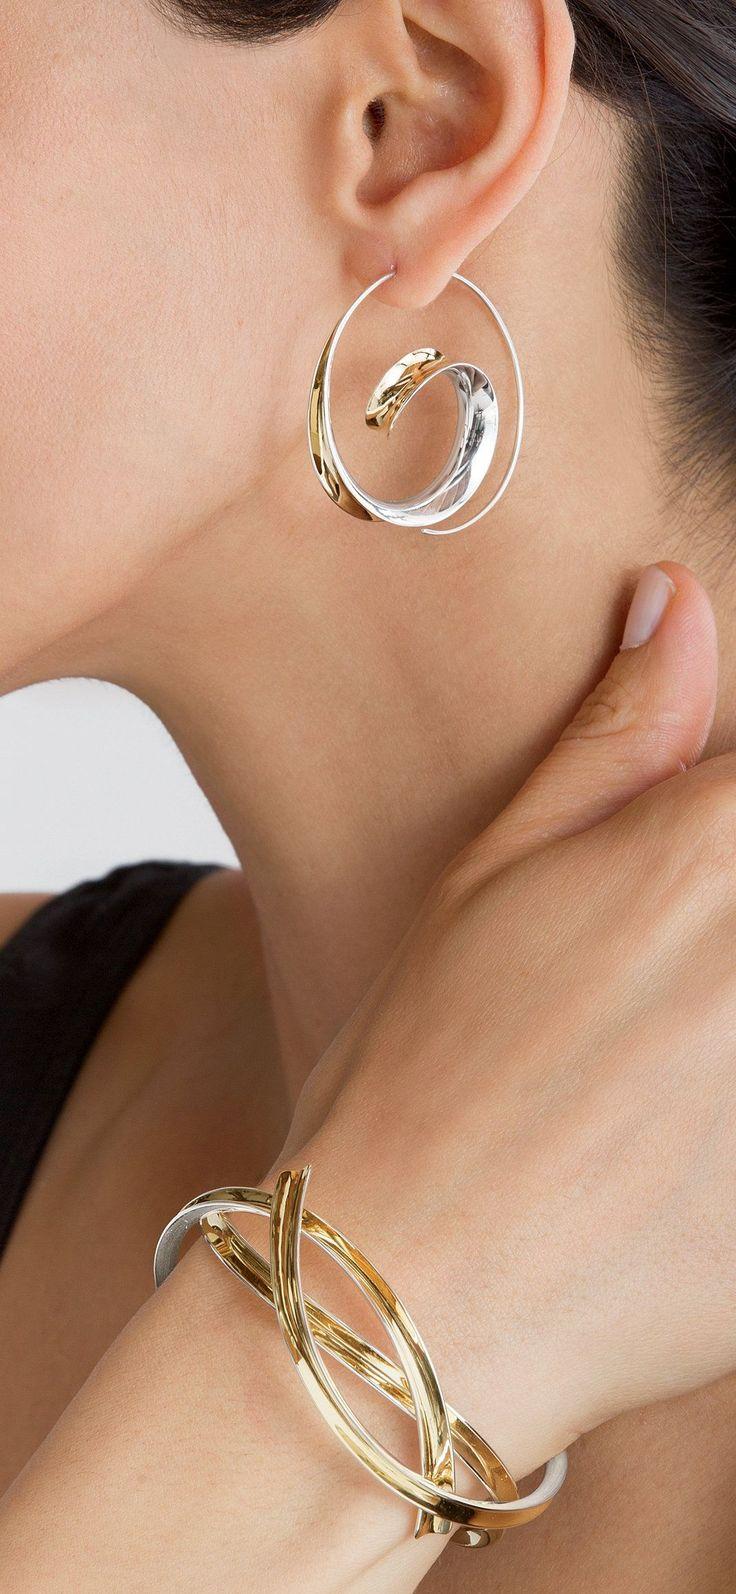 Earrings & Cuff | Nancy Linkin.  Sterling silver and 18k gold bimetal